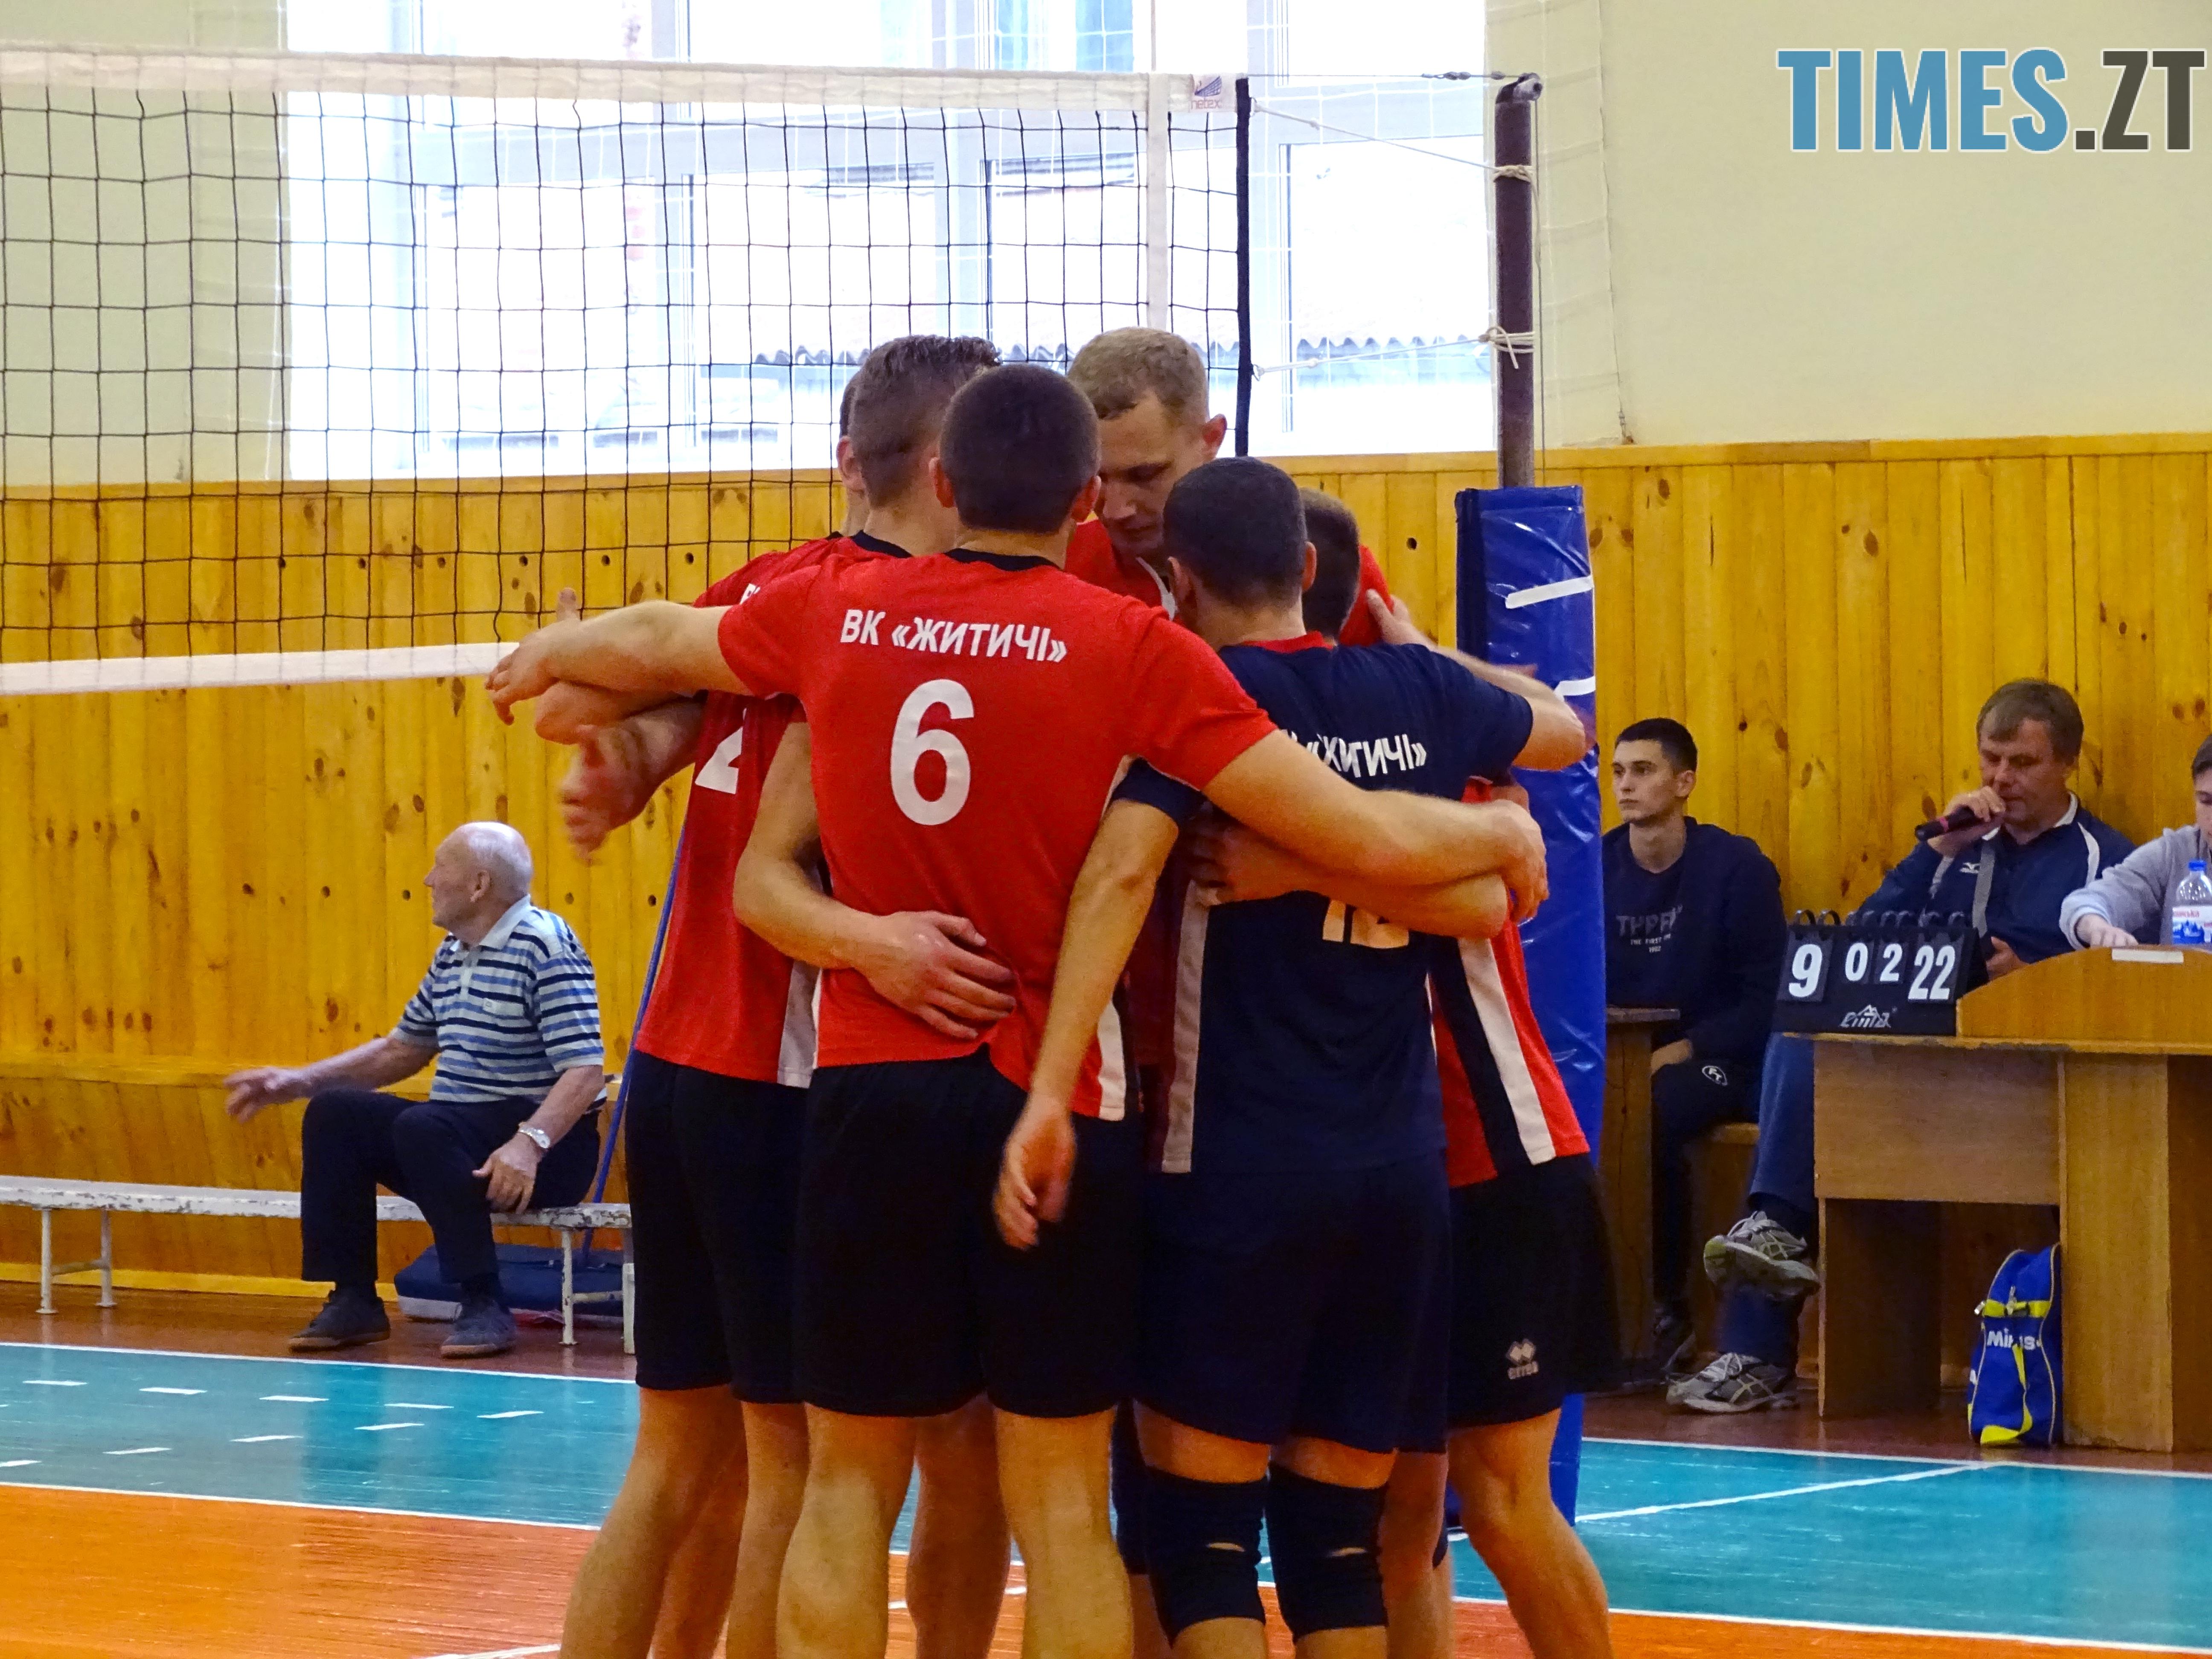 DSC01922 - ВК «Житичі» виборов три перемоги поспіль на старті Кубку України (ФОТО)